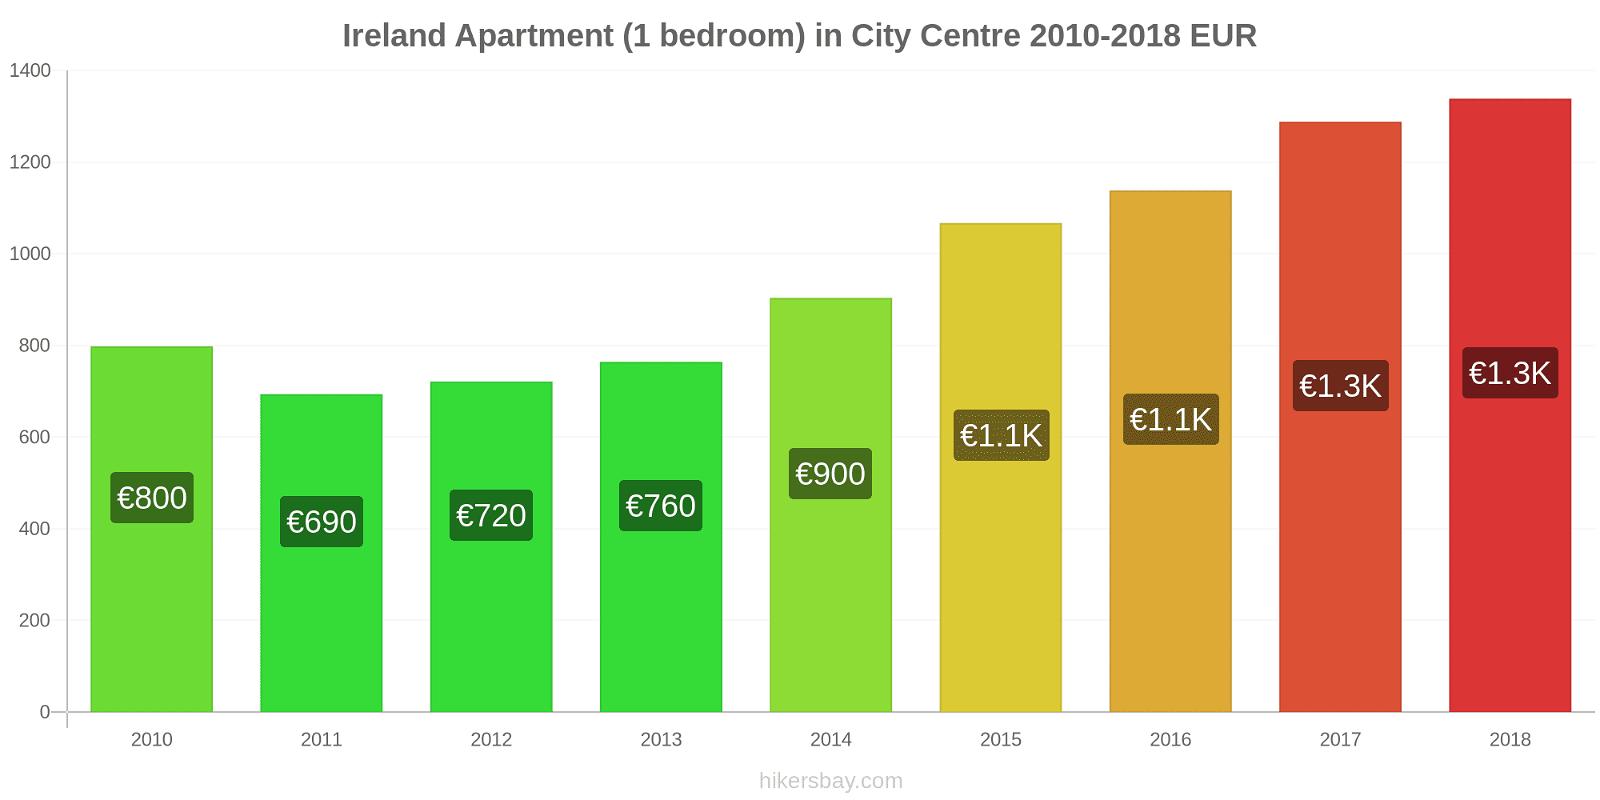 Ireland price changes Apartment (1 bedroom) in City Centre hikersbay.com